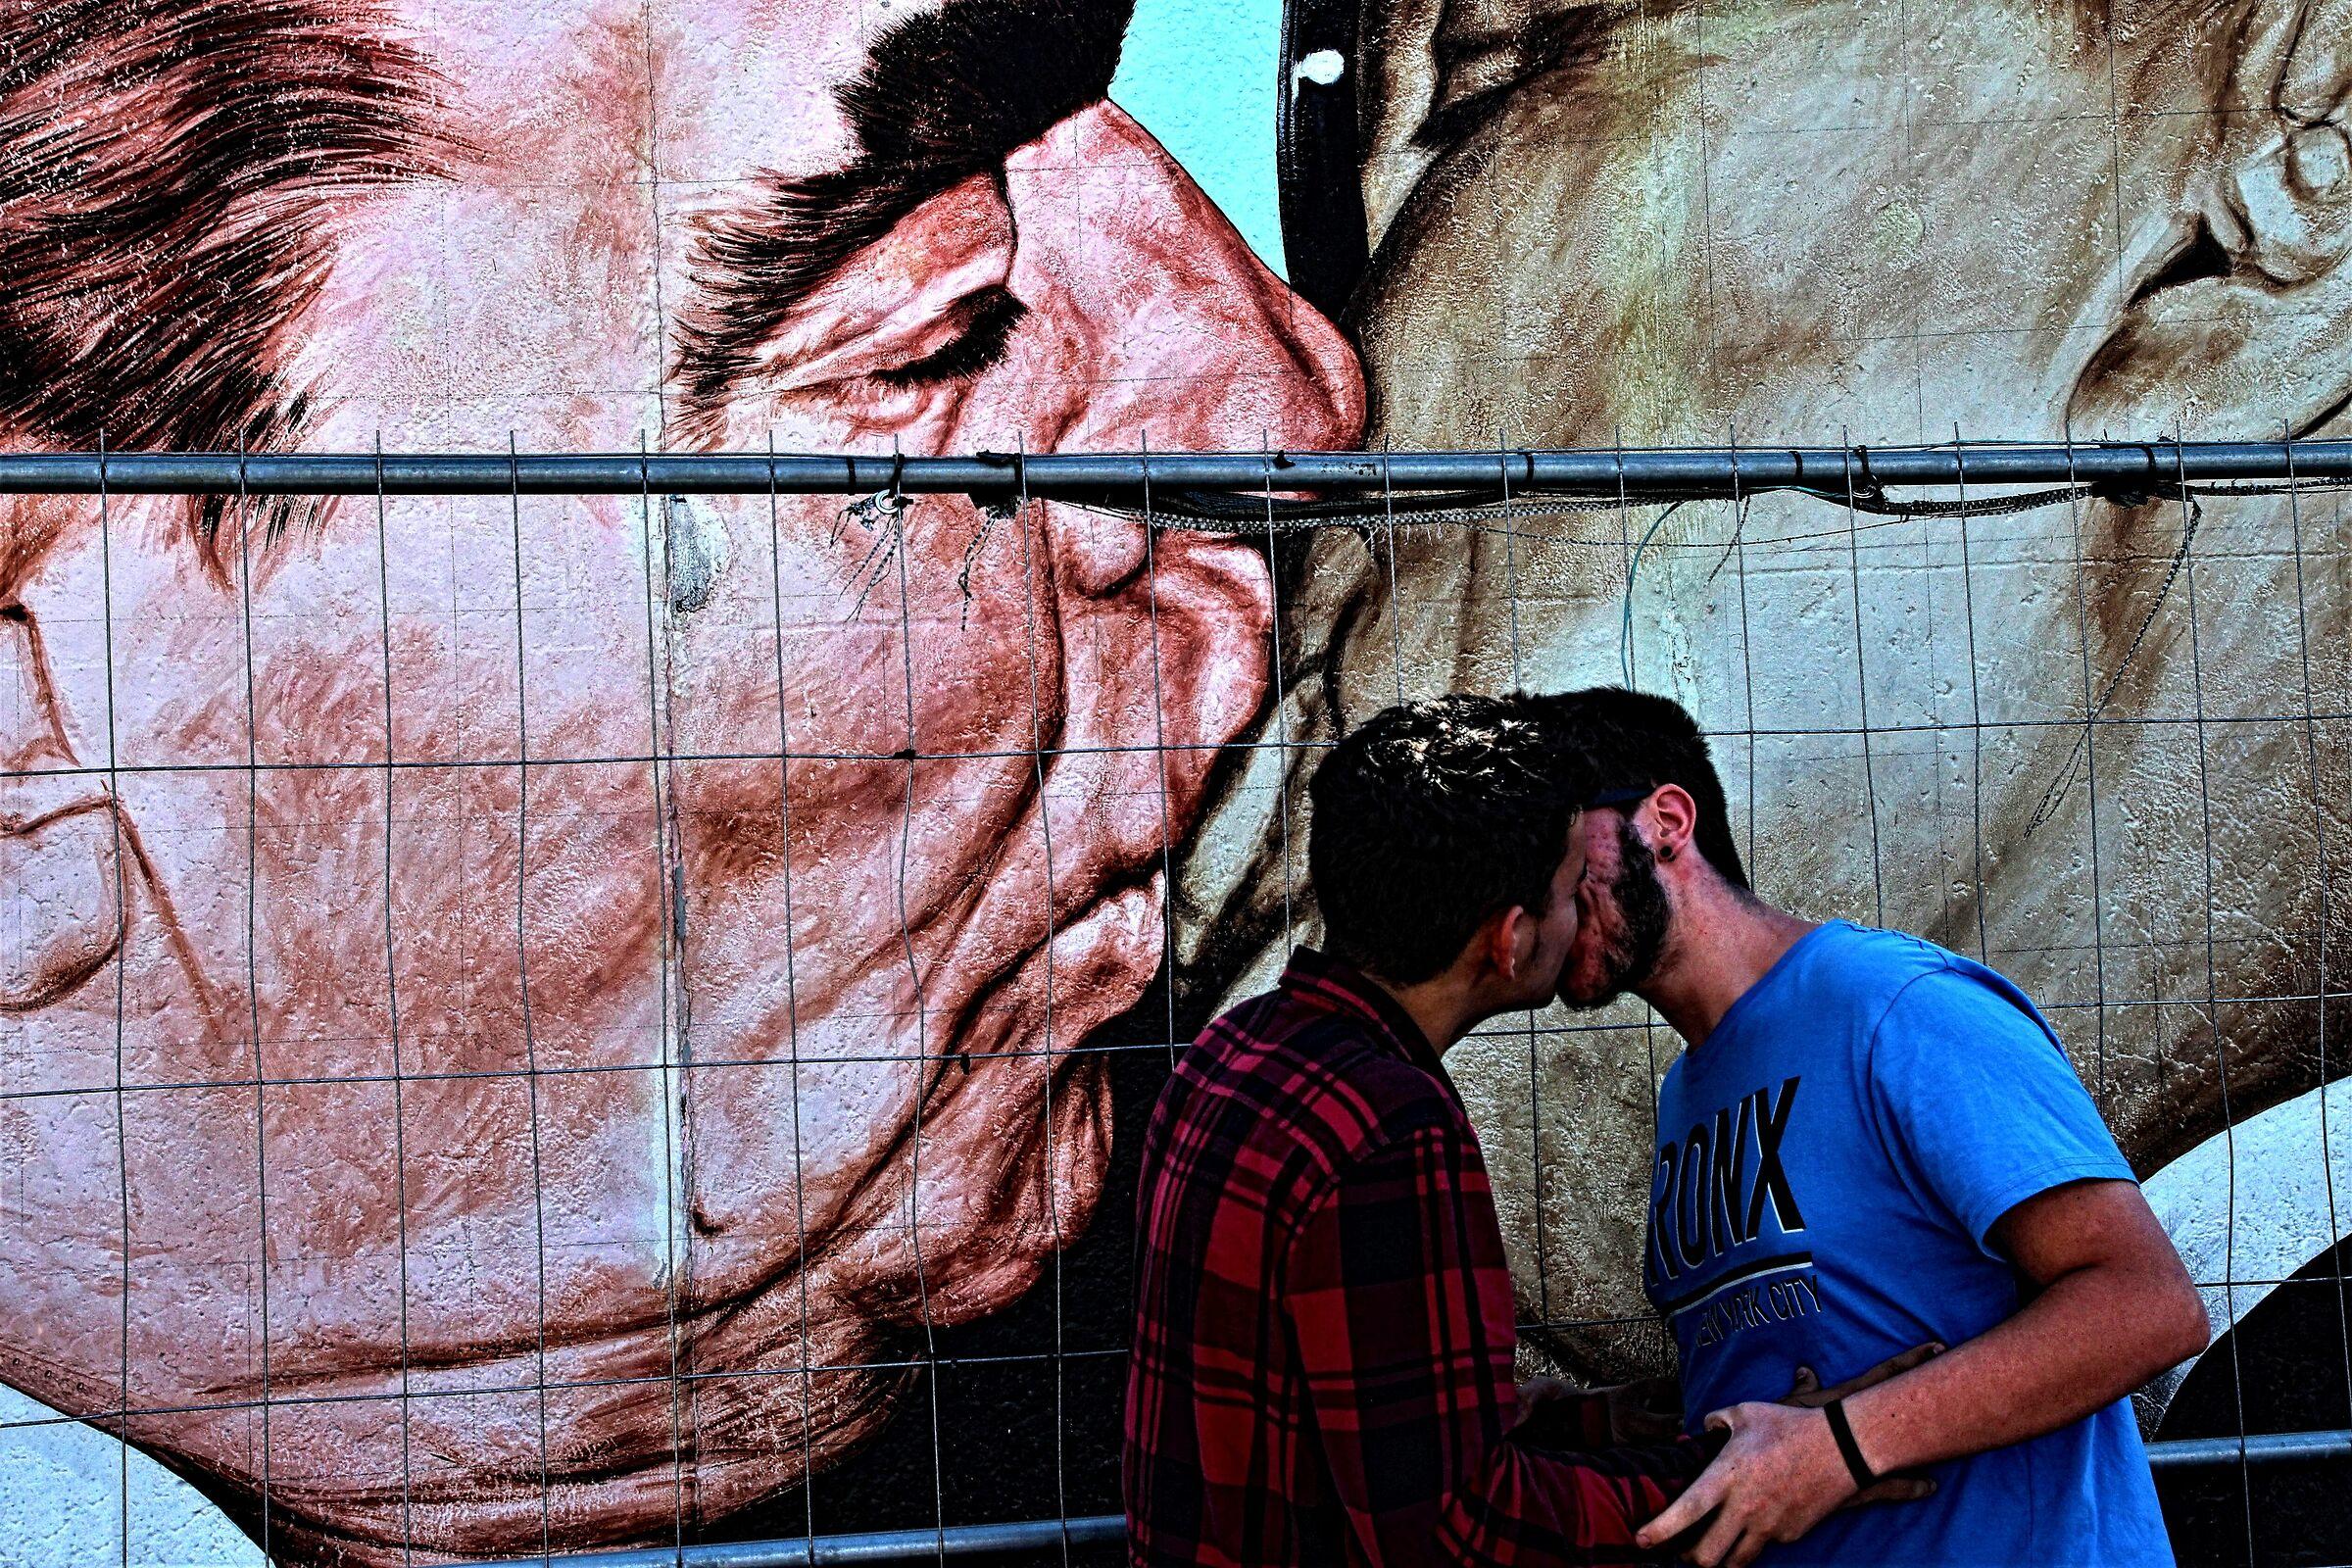 Il bacio, l'amore oltre le barriere...